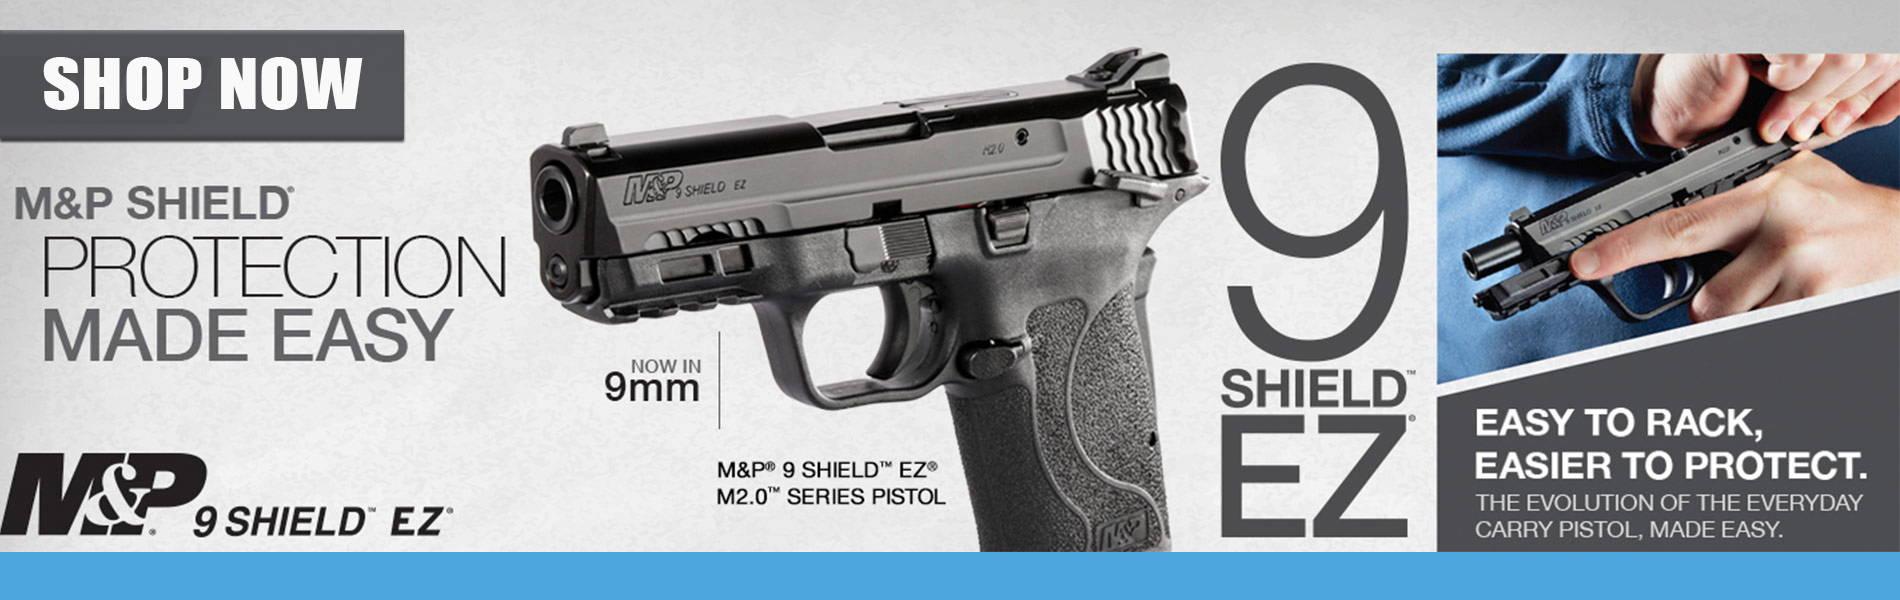 Shop Smith & Wesson EZ Series Pistols Now